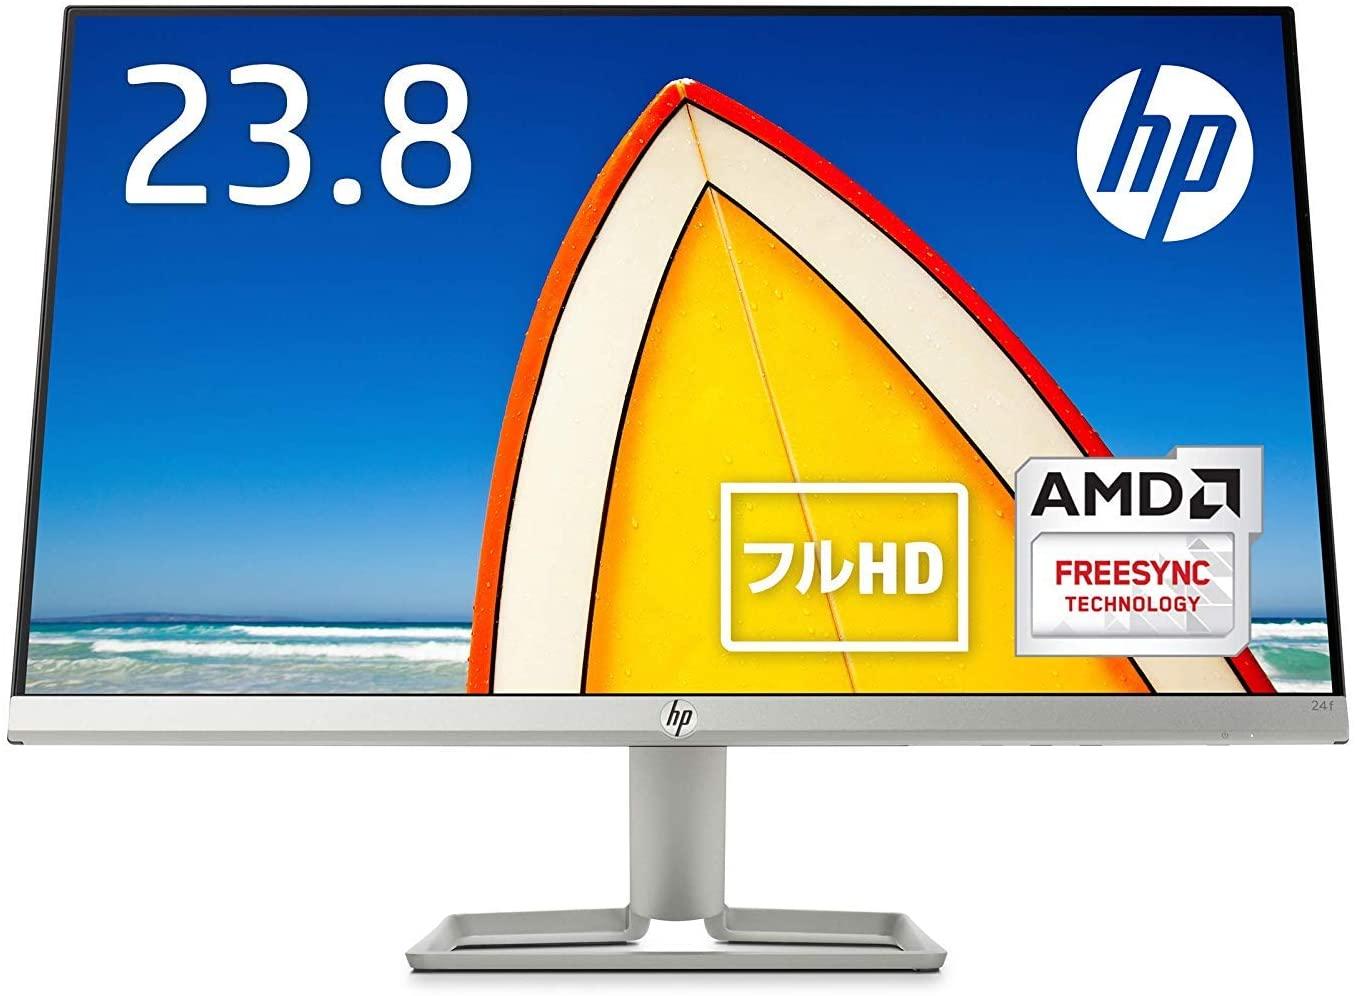 アマゾンでHPのモニターやノートパソコンが特選タイムセール中。